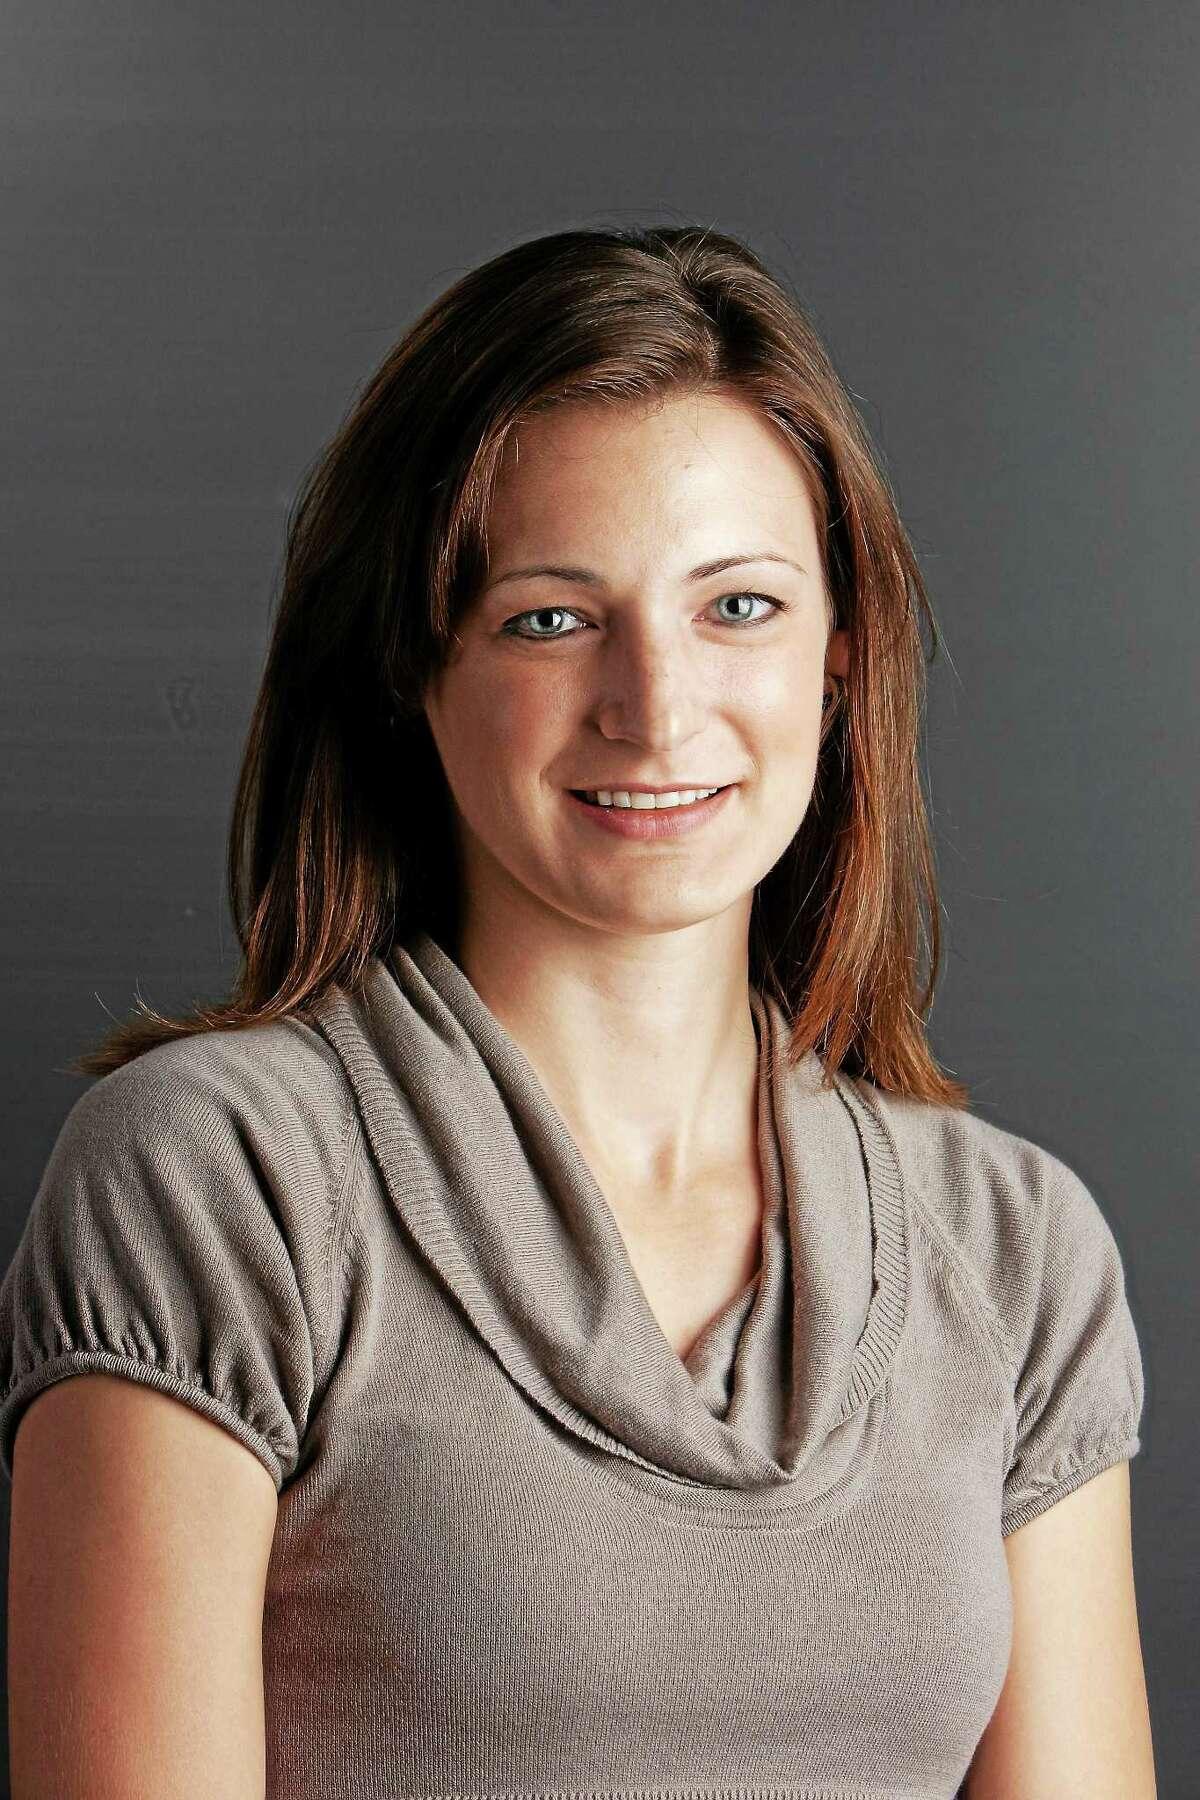 Lauren Sardi